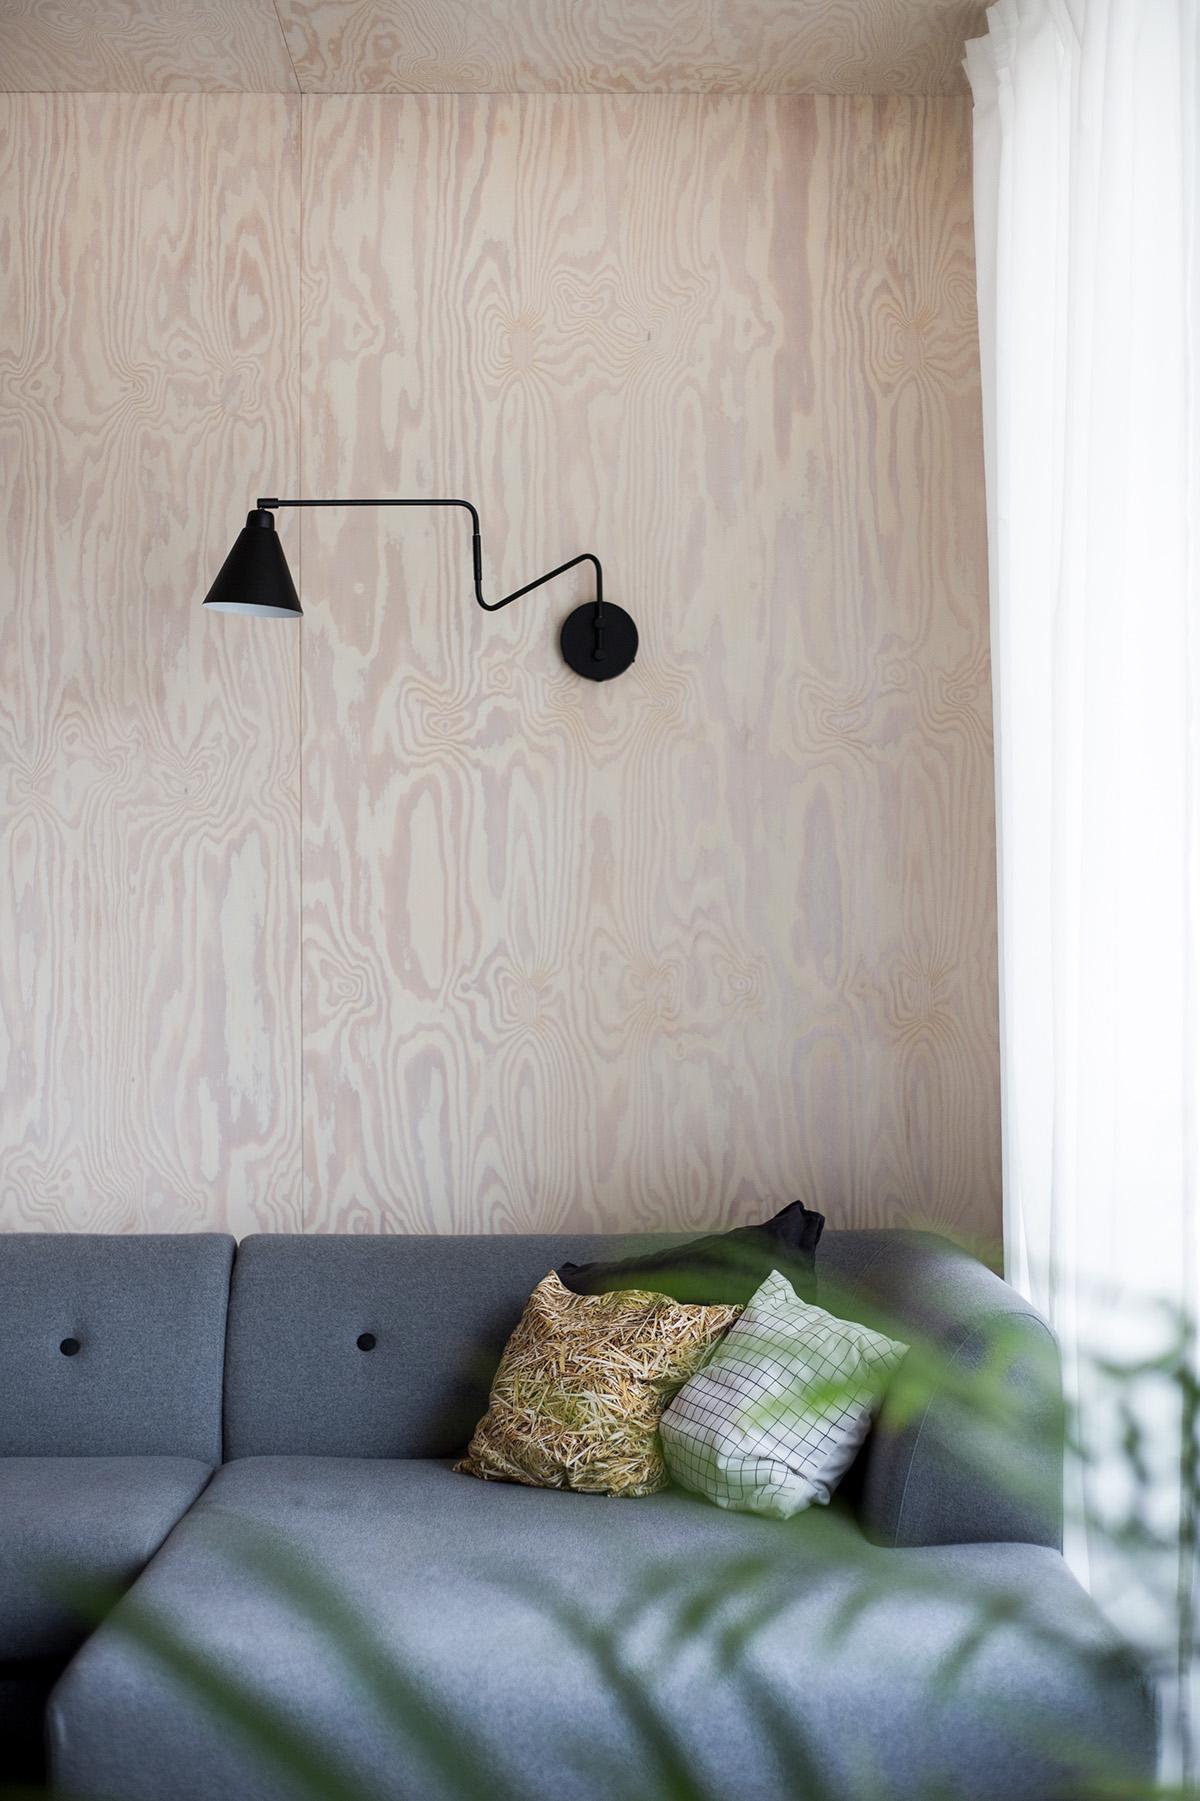 Miraculous Scandinavian Style Interior With Pink And Blue Accents Inzonedesignstudio Interior Chair Design Inzonedesignstudiocom